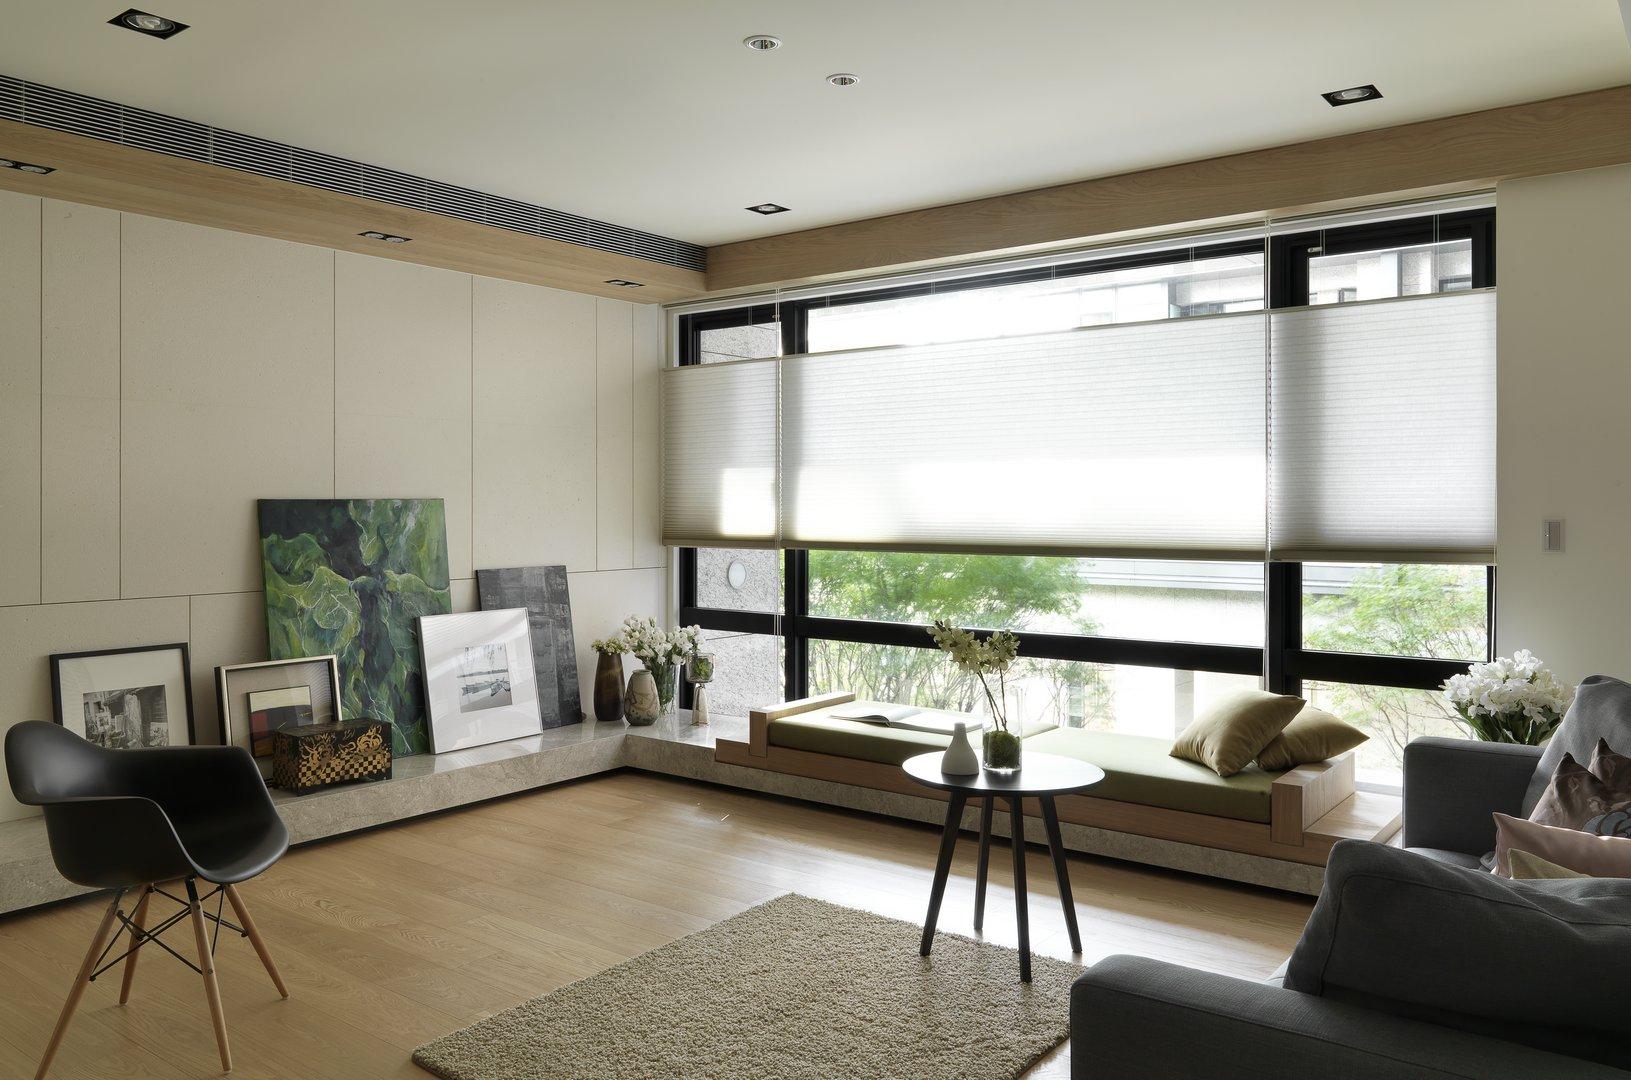 客厅简单轻松有活力的软装,感受舒适怡人的氛围。